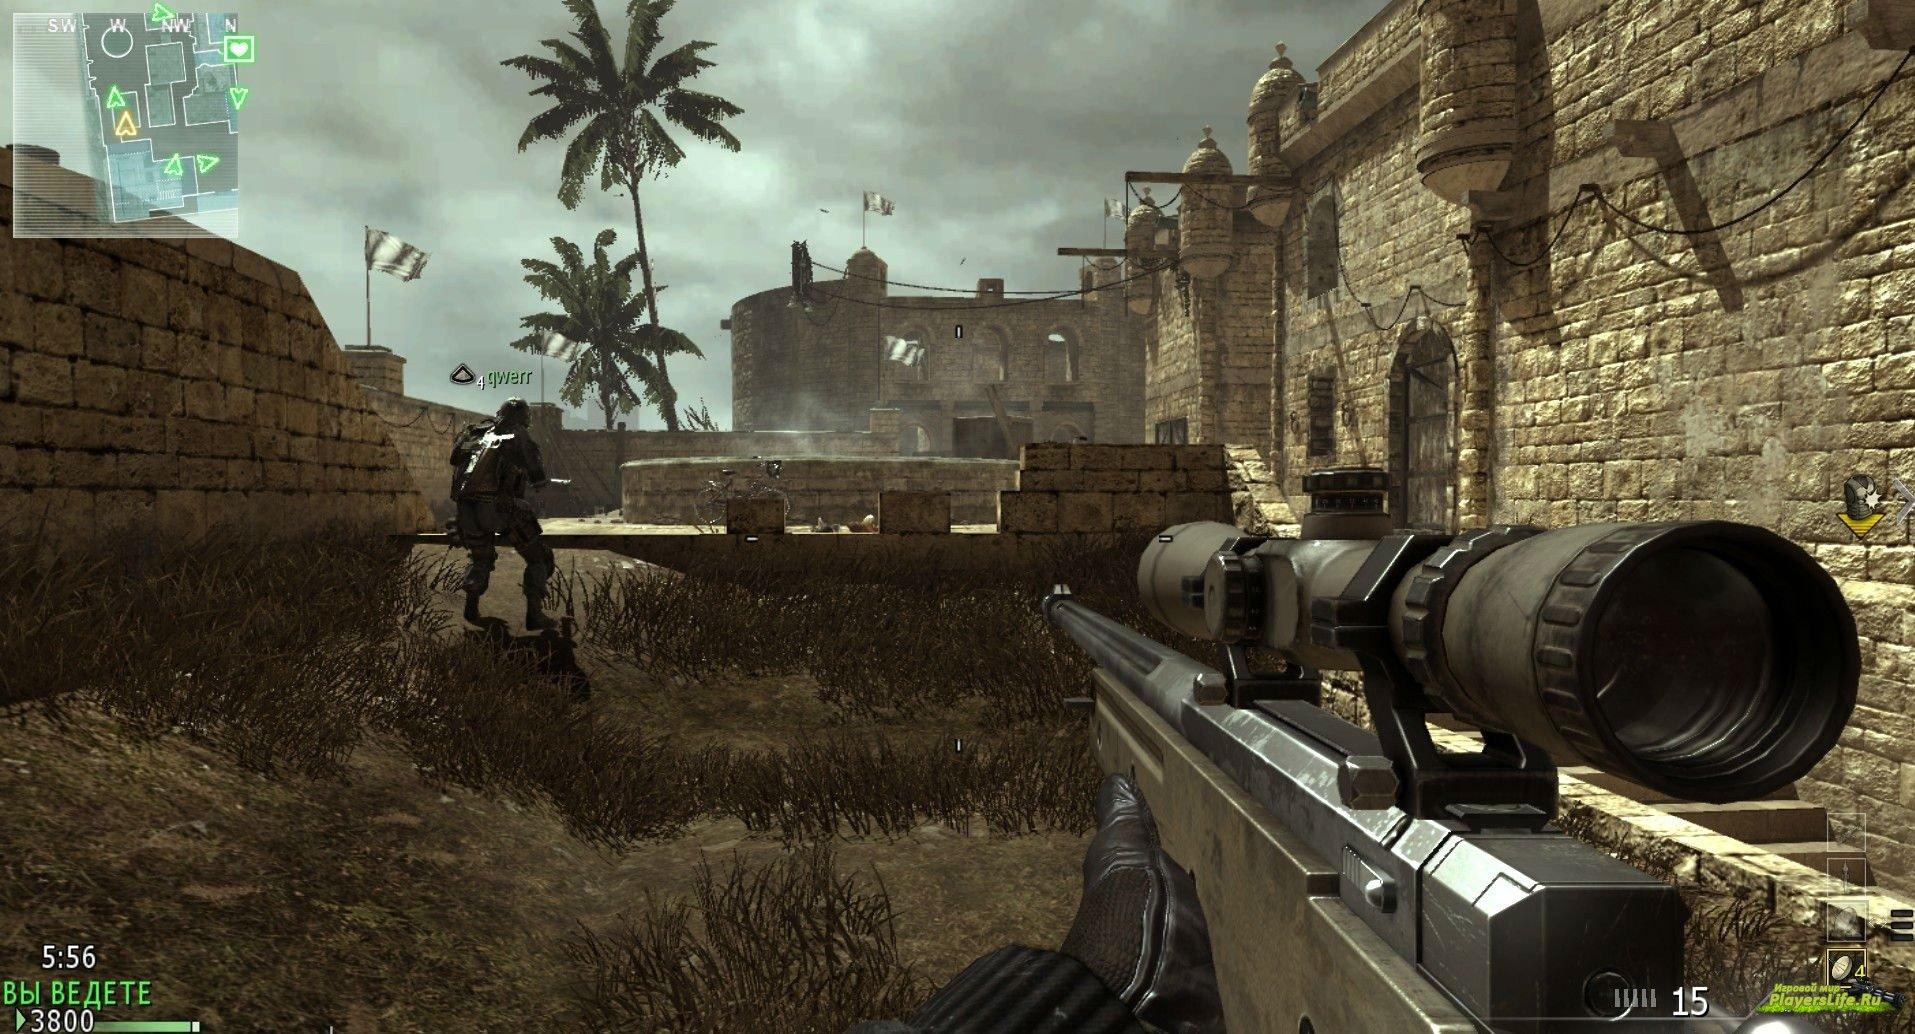 Оружие Call Of Duty Modern Warfare 3